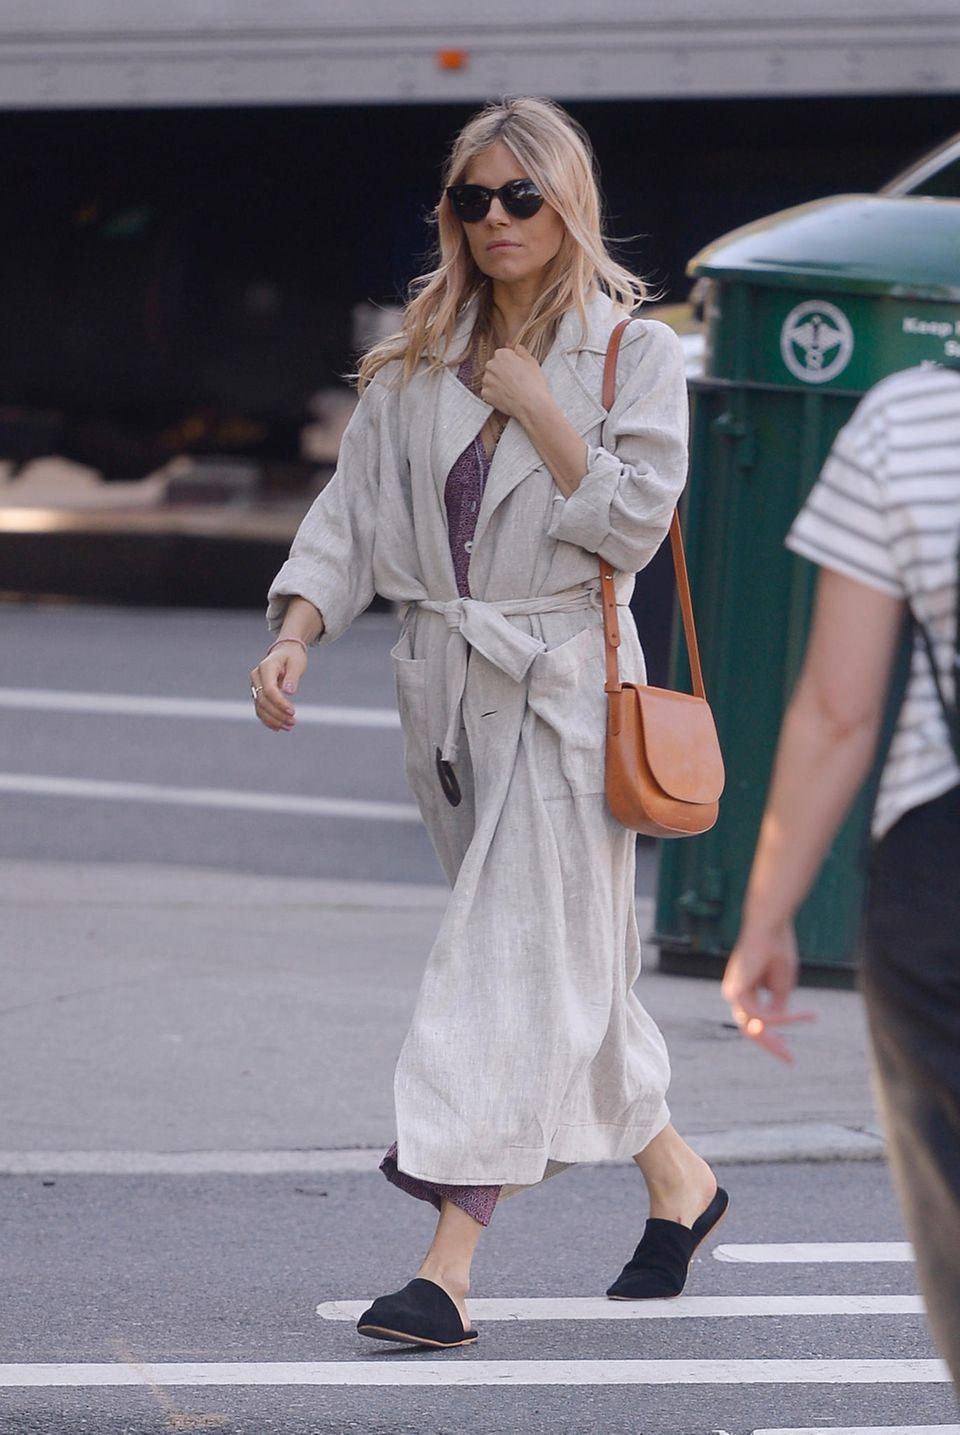 Lässig-Look XXL: Schauspielerin Sienna Miller in Slippern unterwegs.